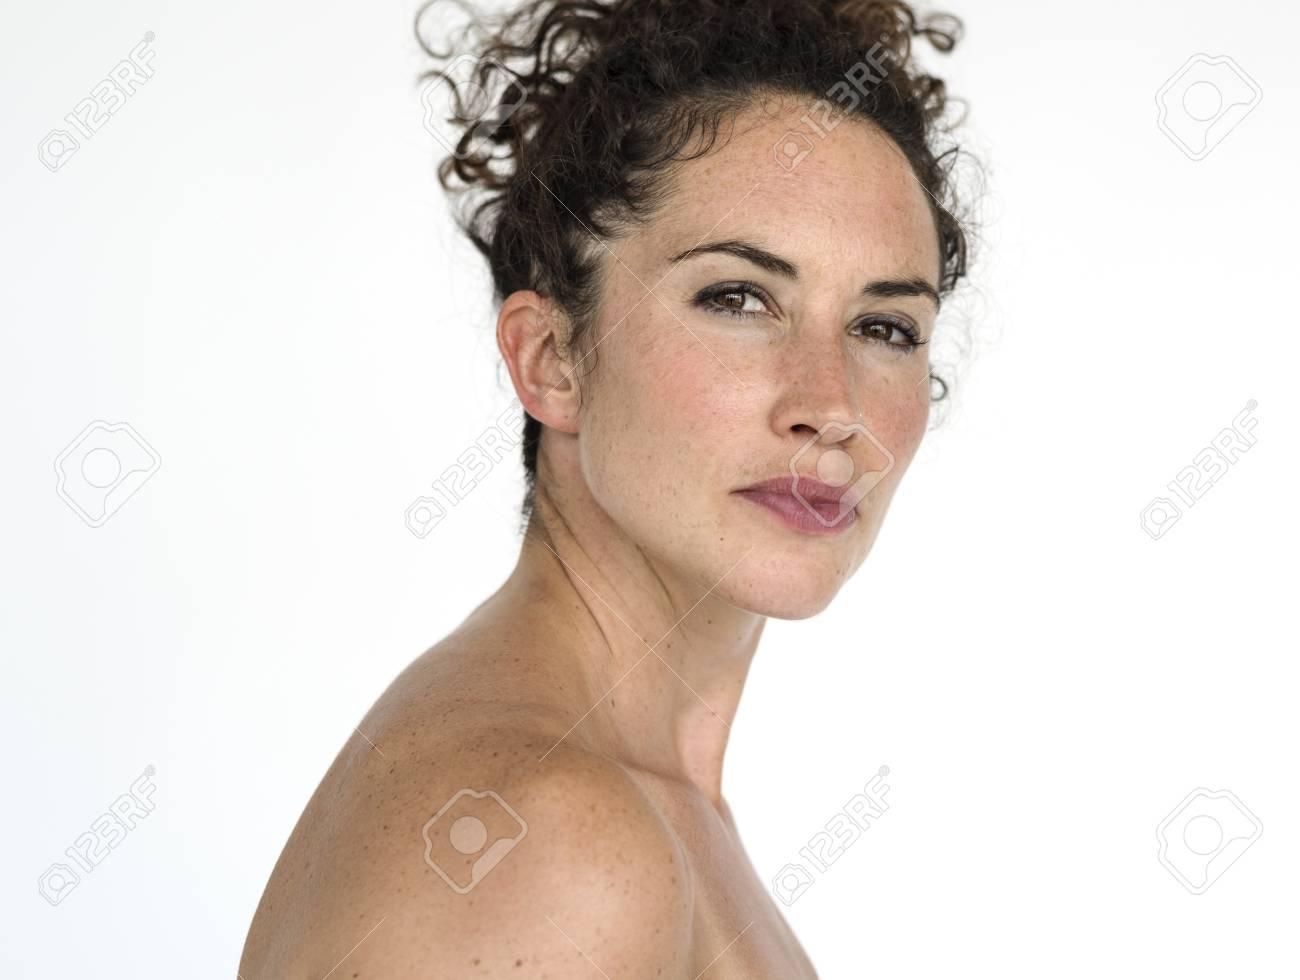 Retrato Estudio Mujer Modelo Femenino Fotos Retratos Imágenes Y